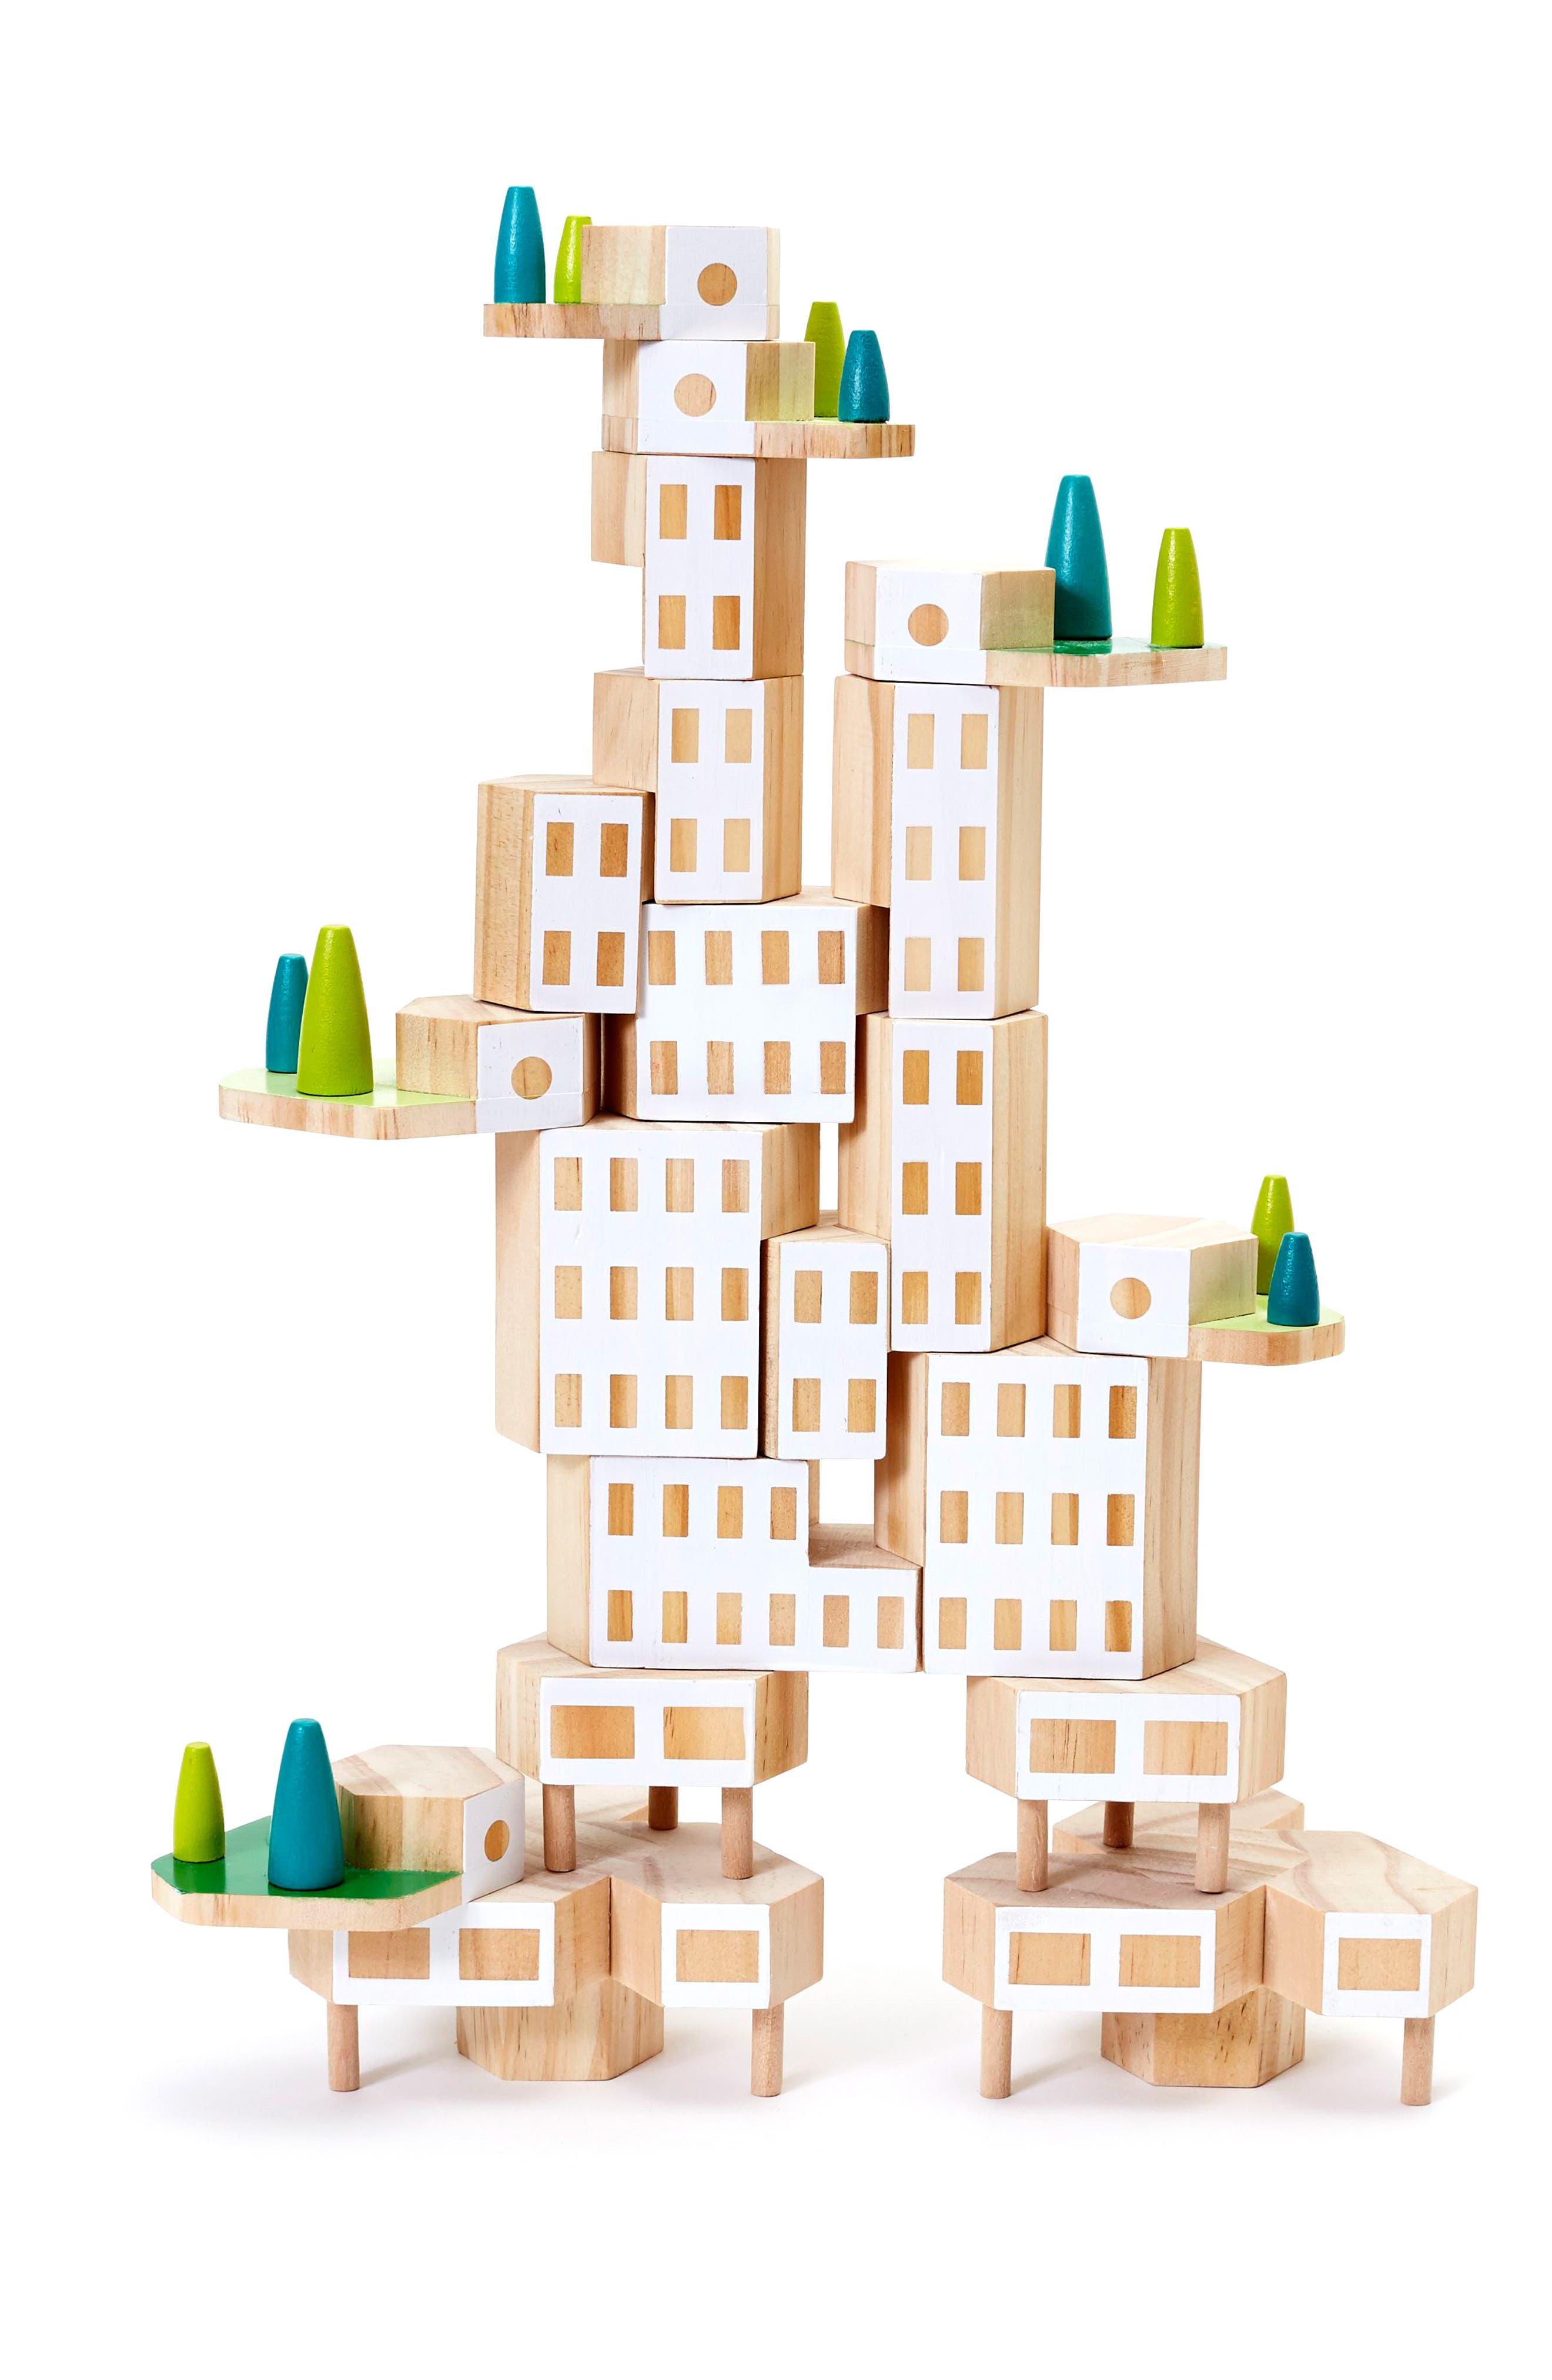 Areaware Blockitecture Garden City 20-Piece Wooden Block Set